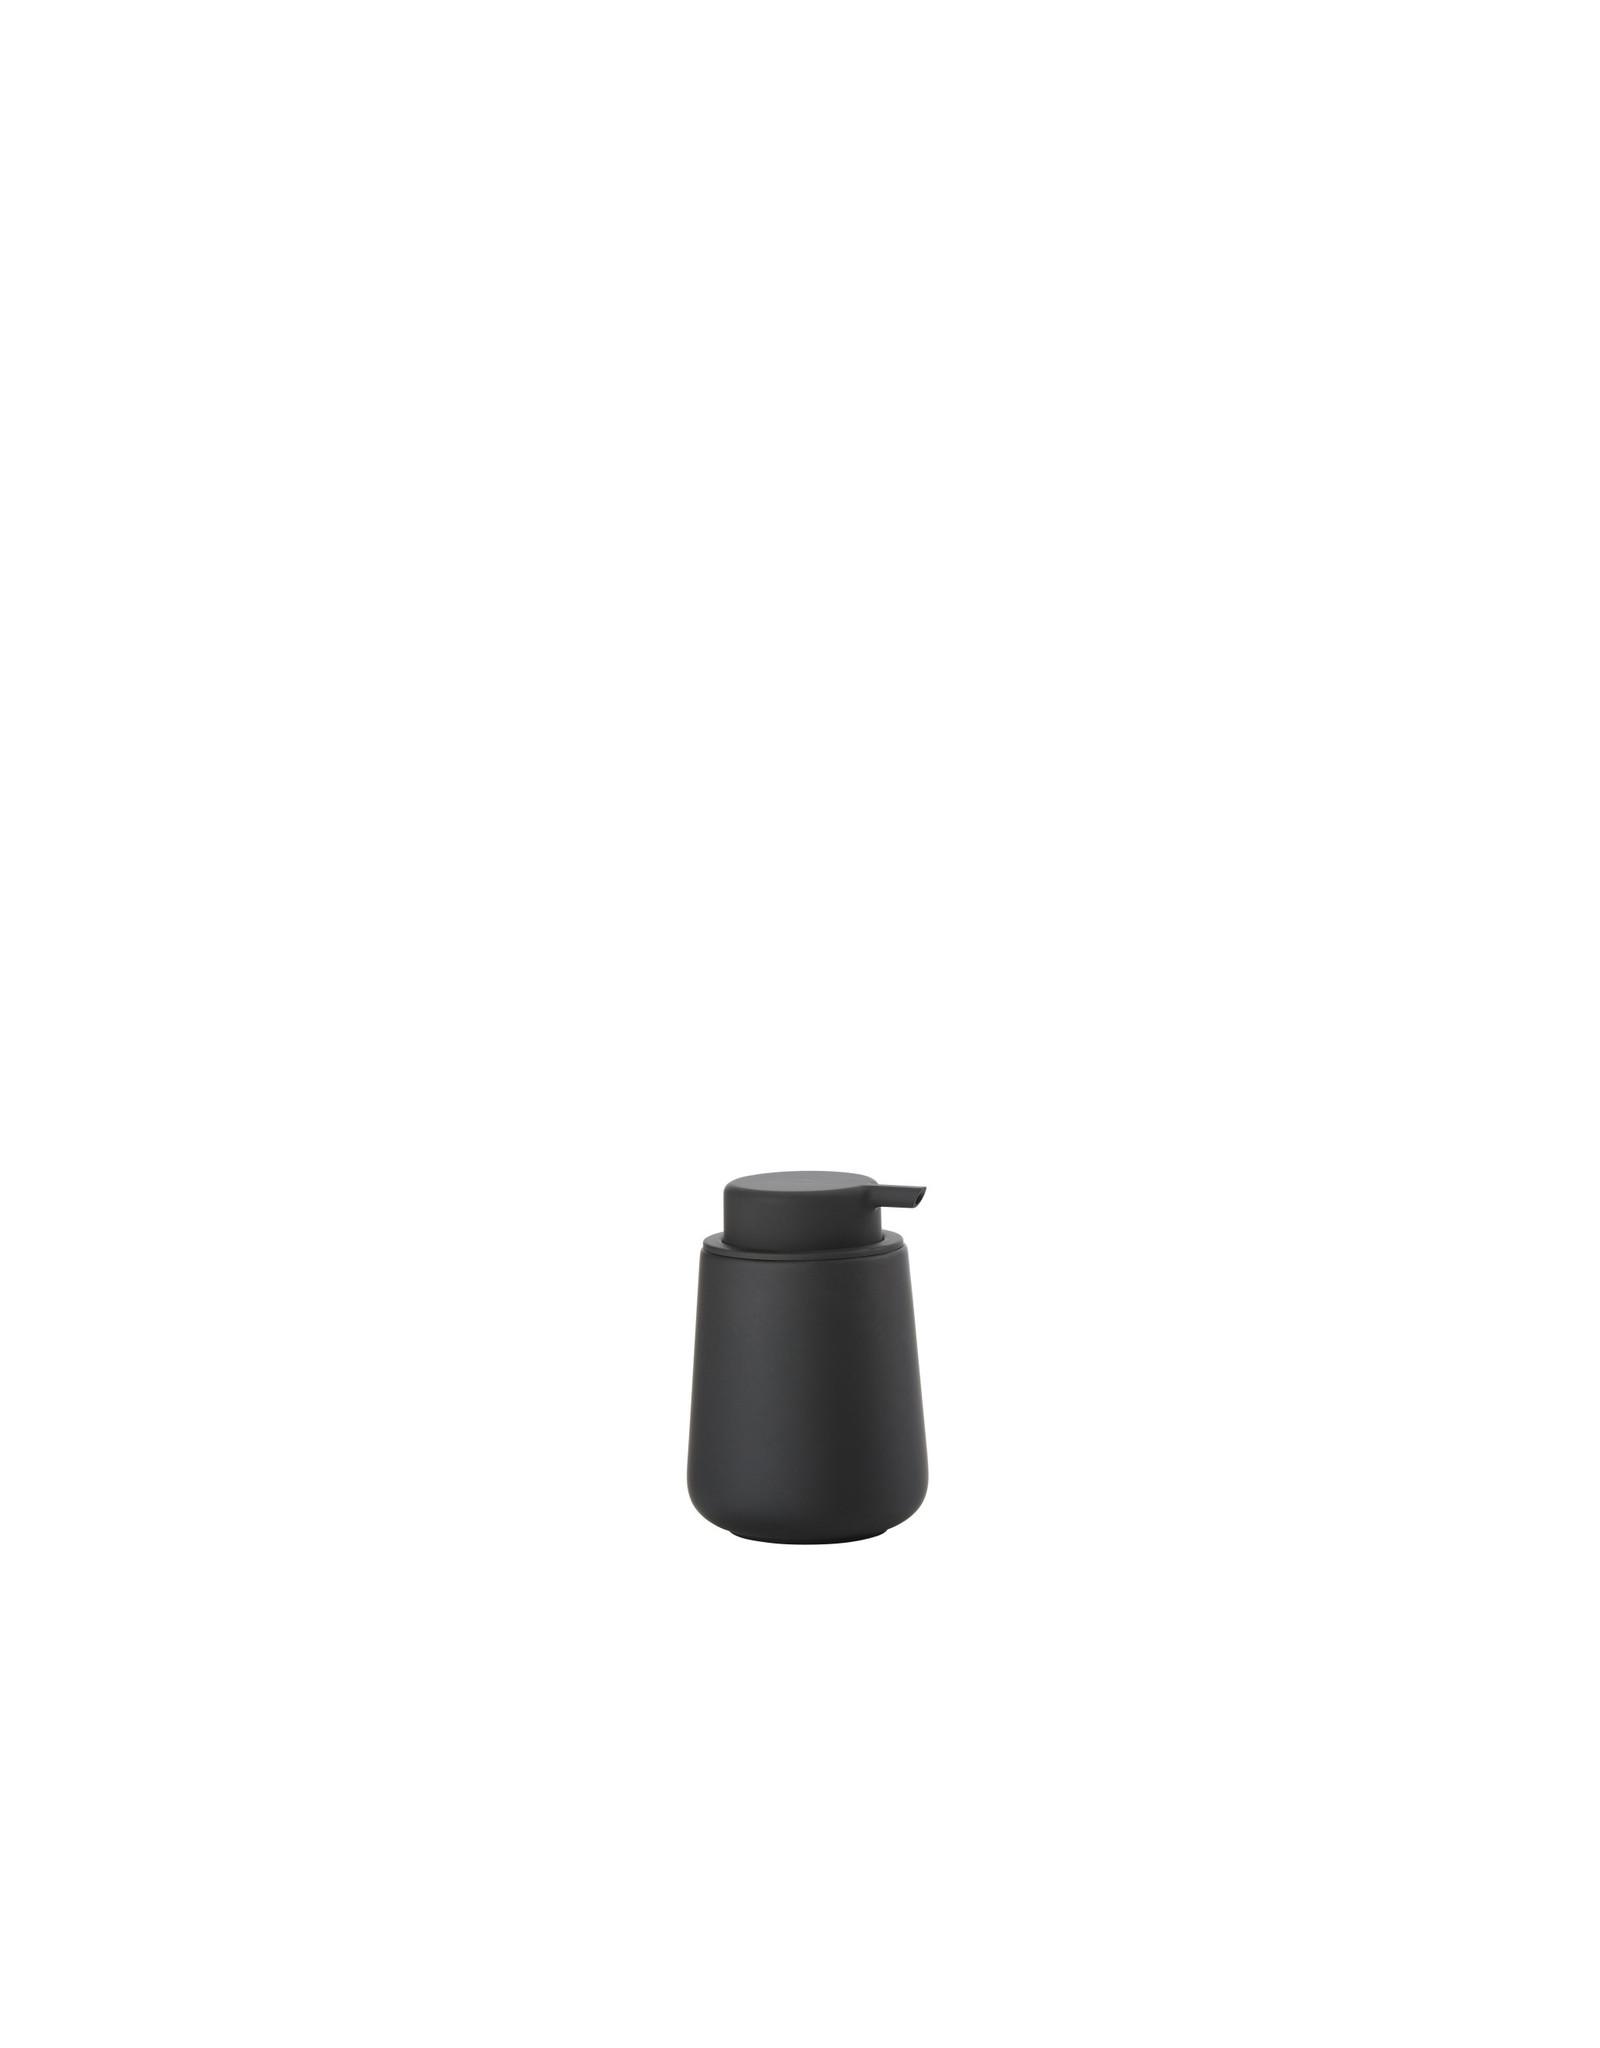 ZONE ZONE 330160 ZEEPPOMP ZWART